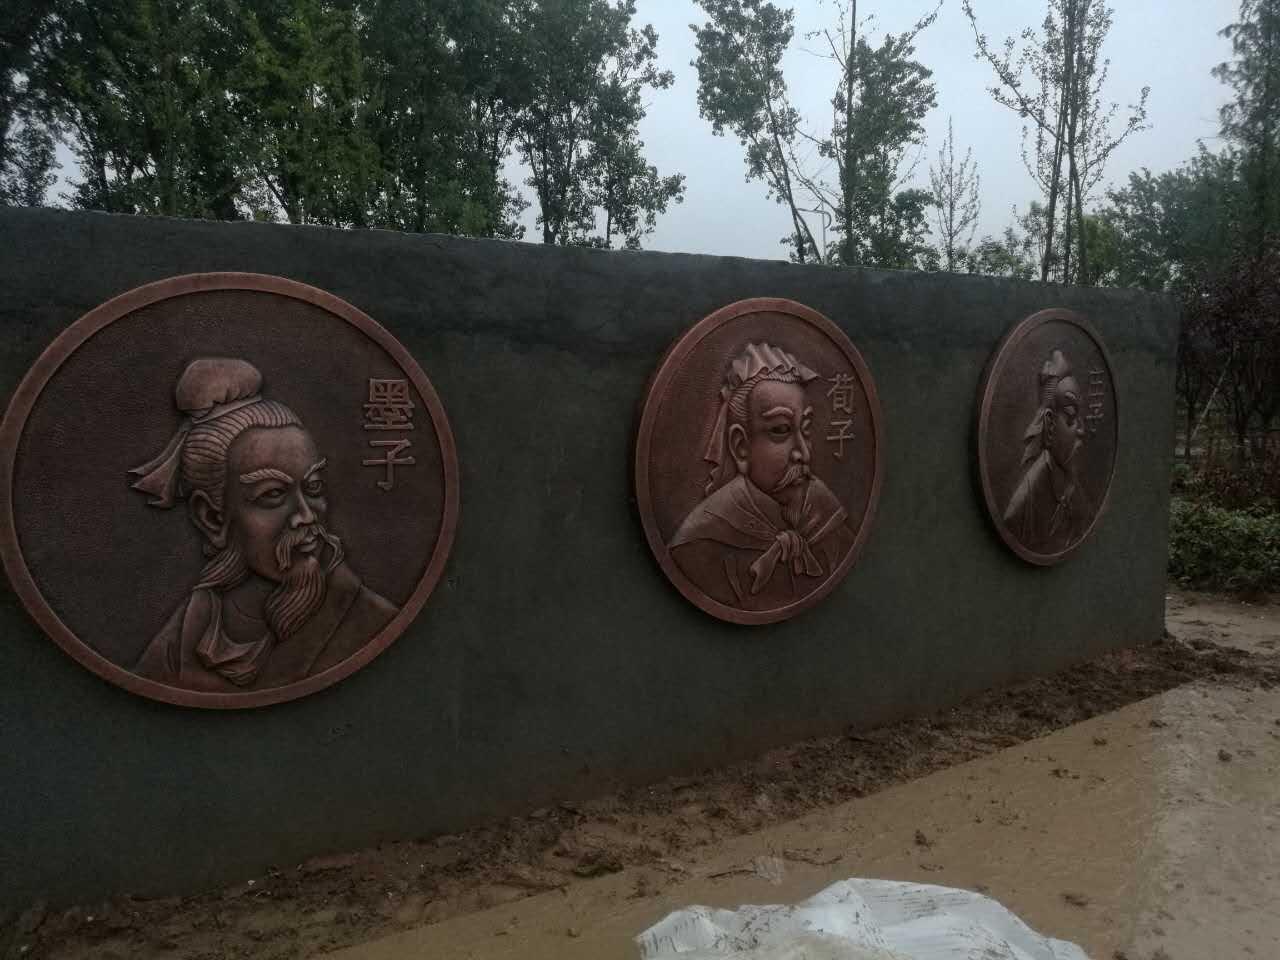 安徽人物浮雕|锻铜浮雕|浮雕安装制作|江苏浮雕制作安装诸子百家先哲的人物锻铜浮雕